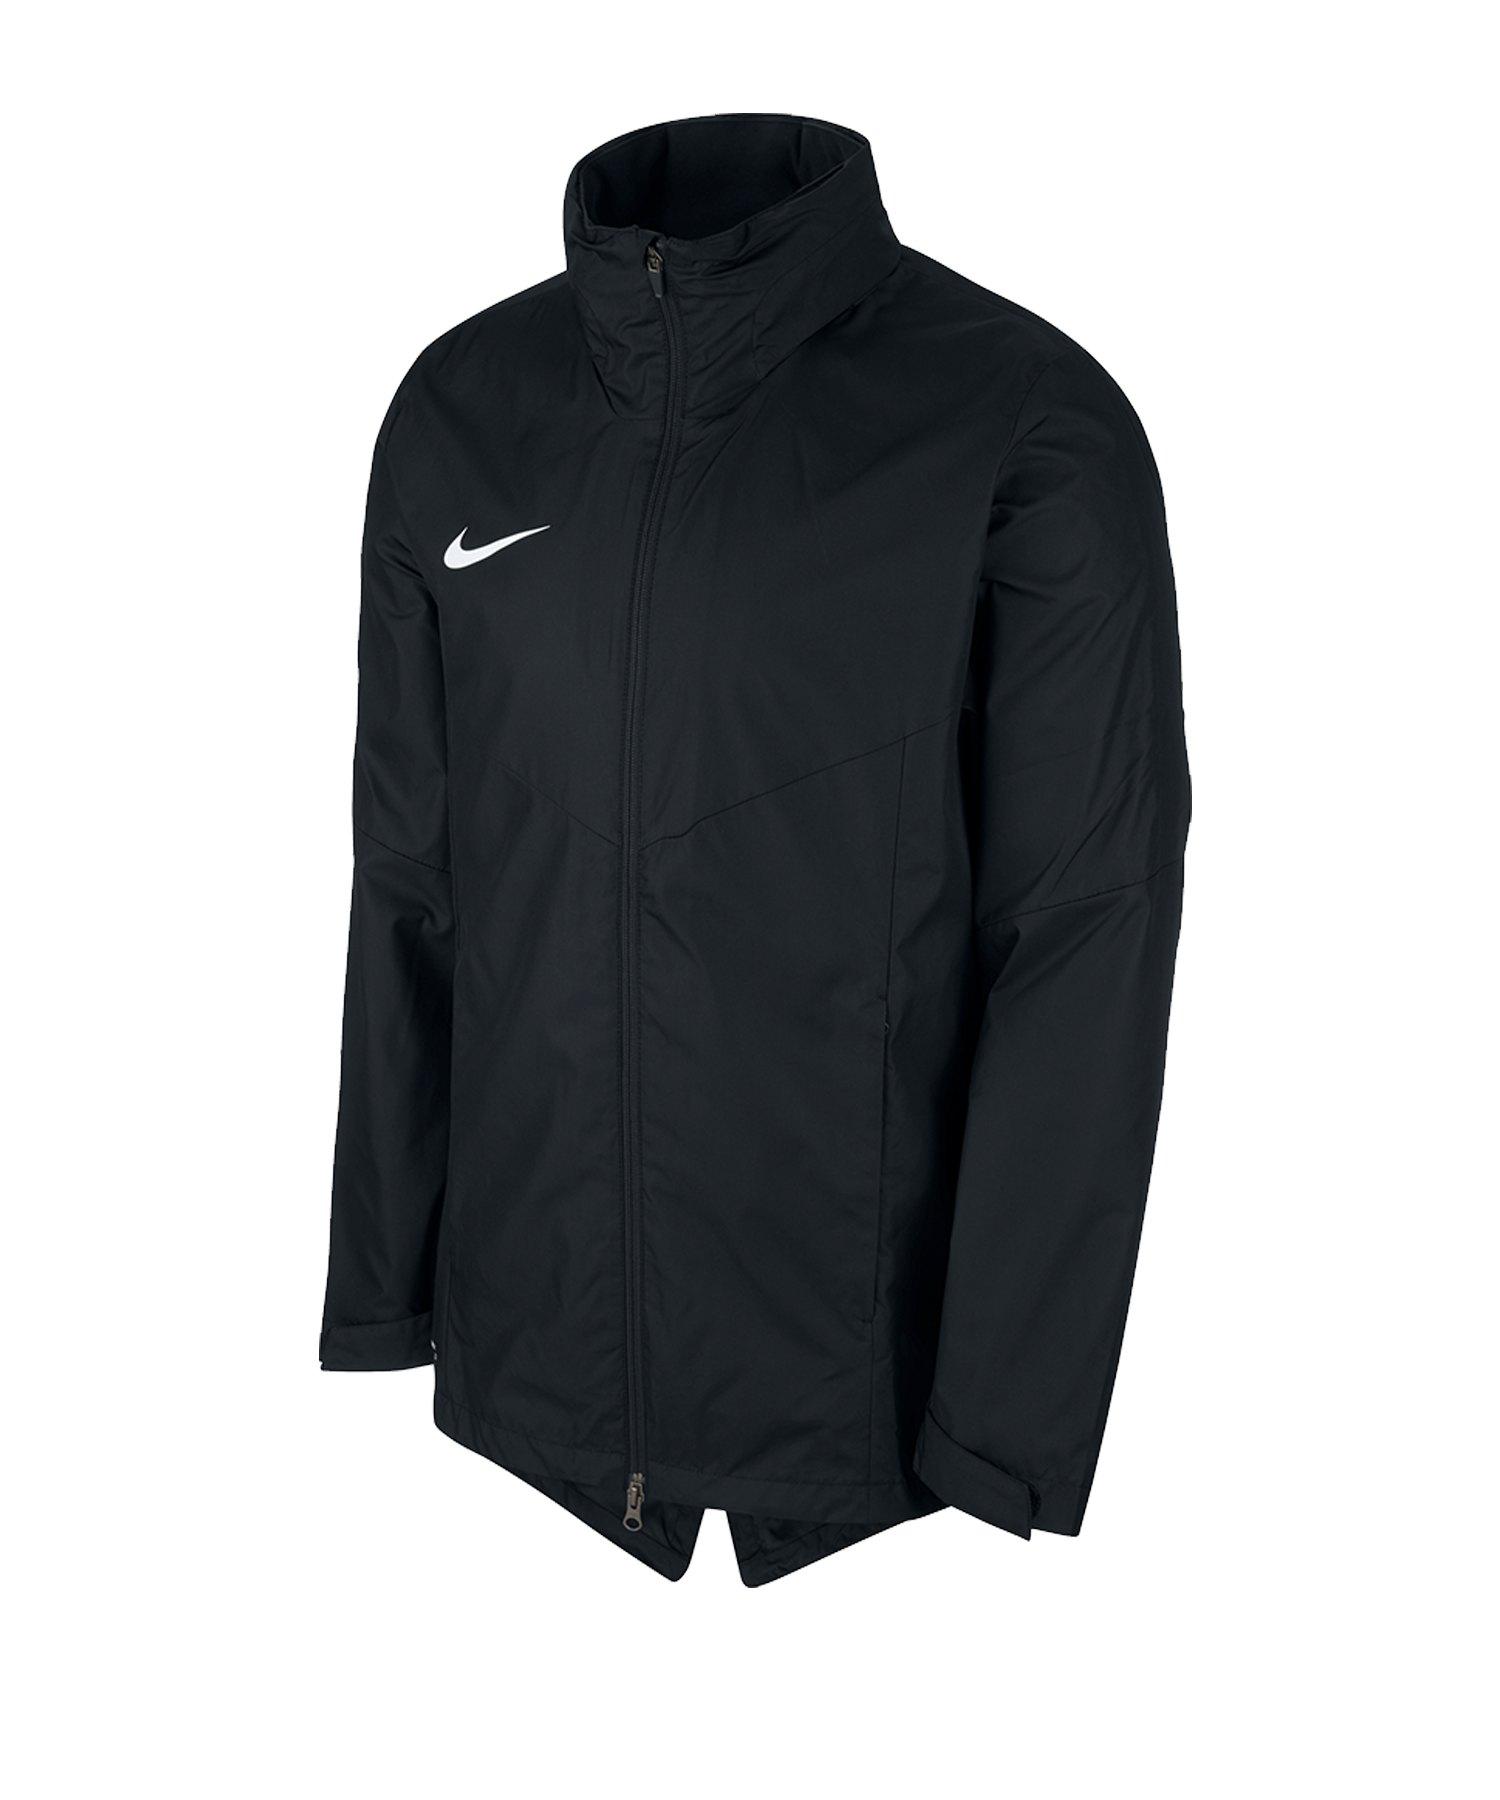 Nike Academy 18 Regenjacke Damen Schwarz F010 - schwarz